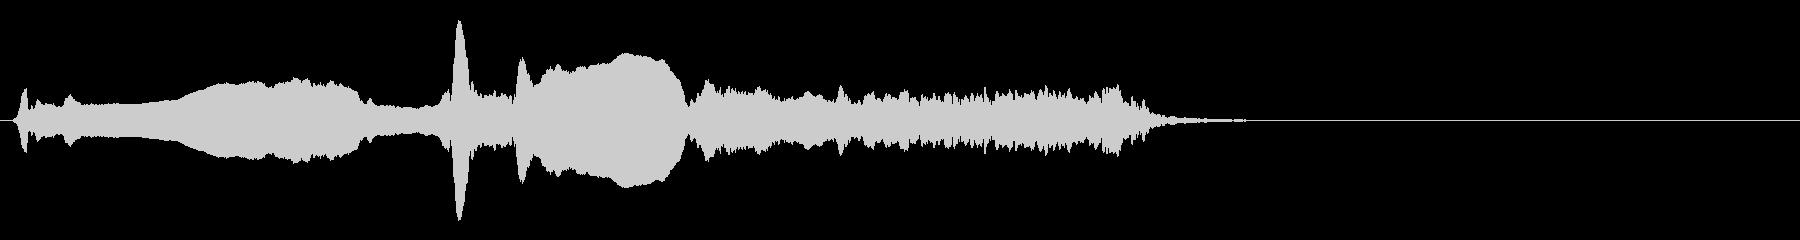 尺八 生演奏 古典風 残響音有 #7の未再生の波形